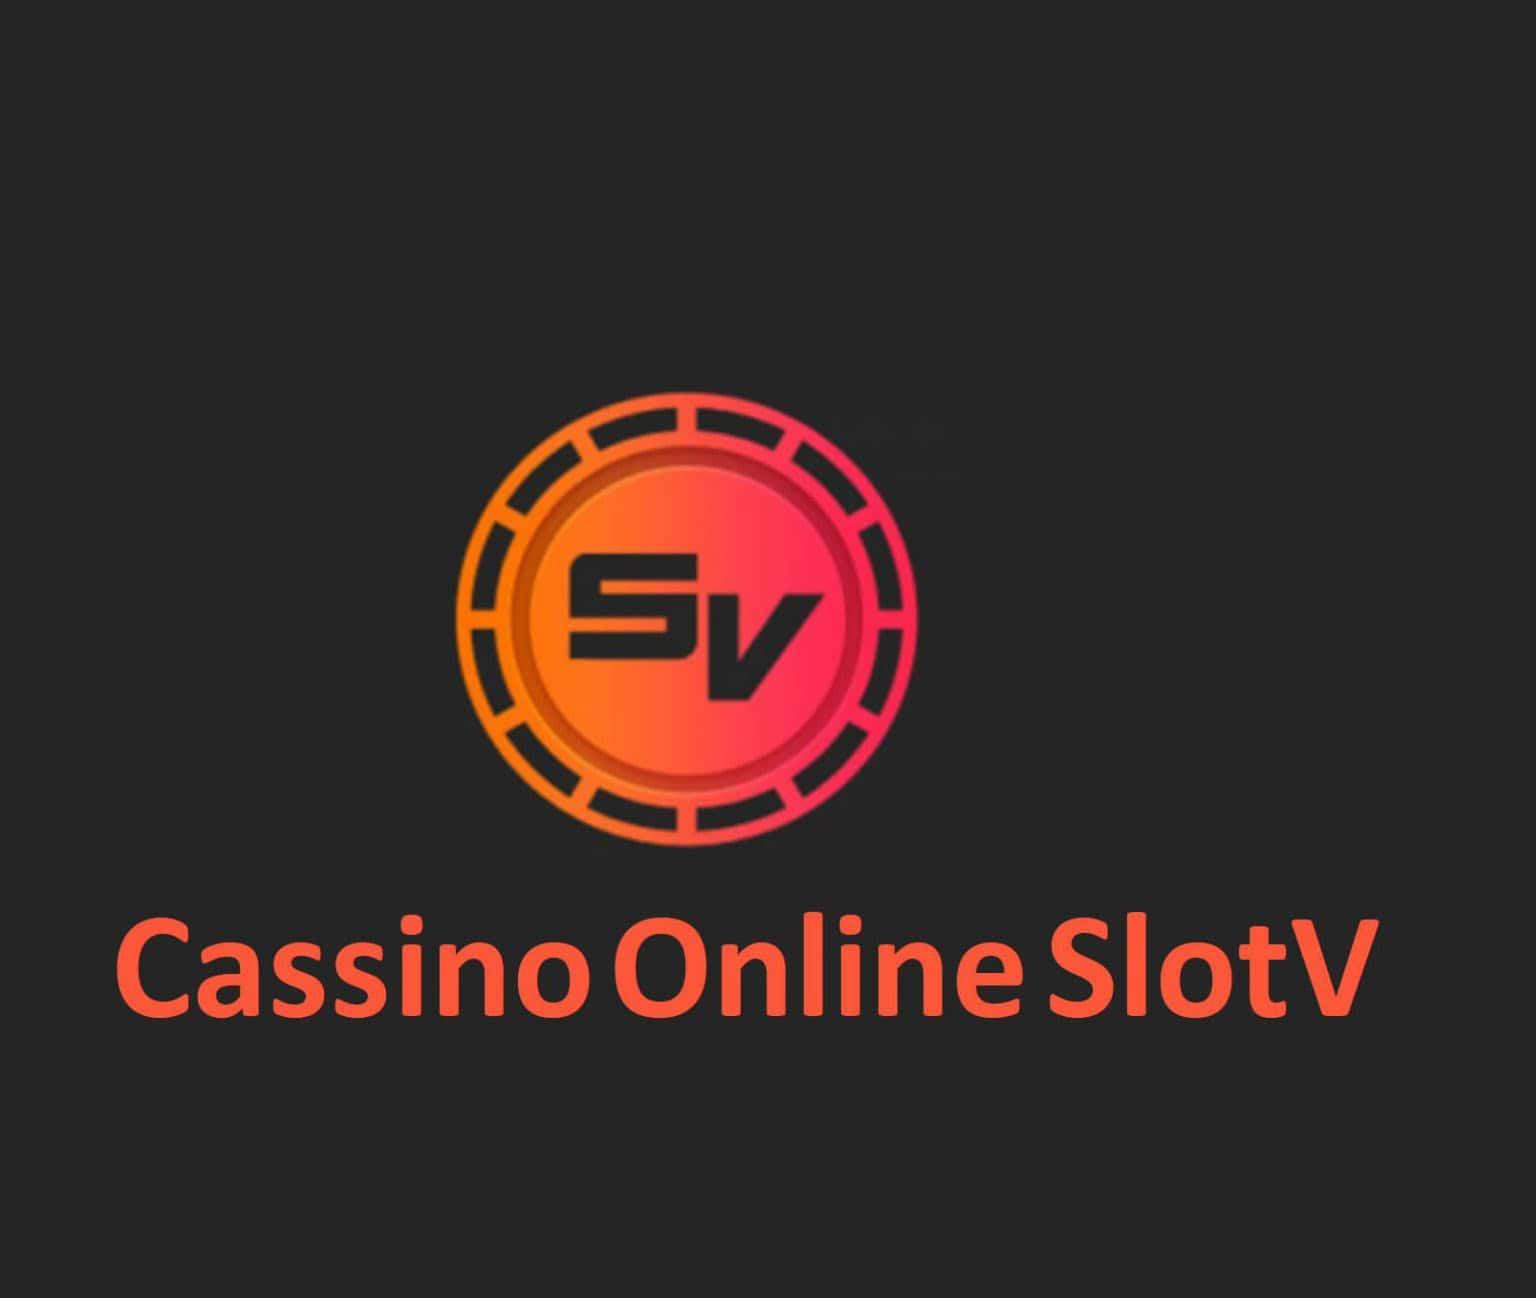 Cassino Online SlotV